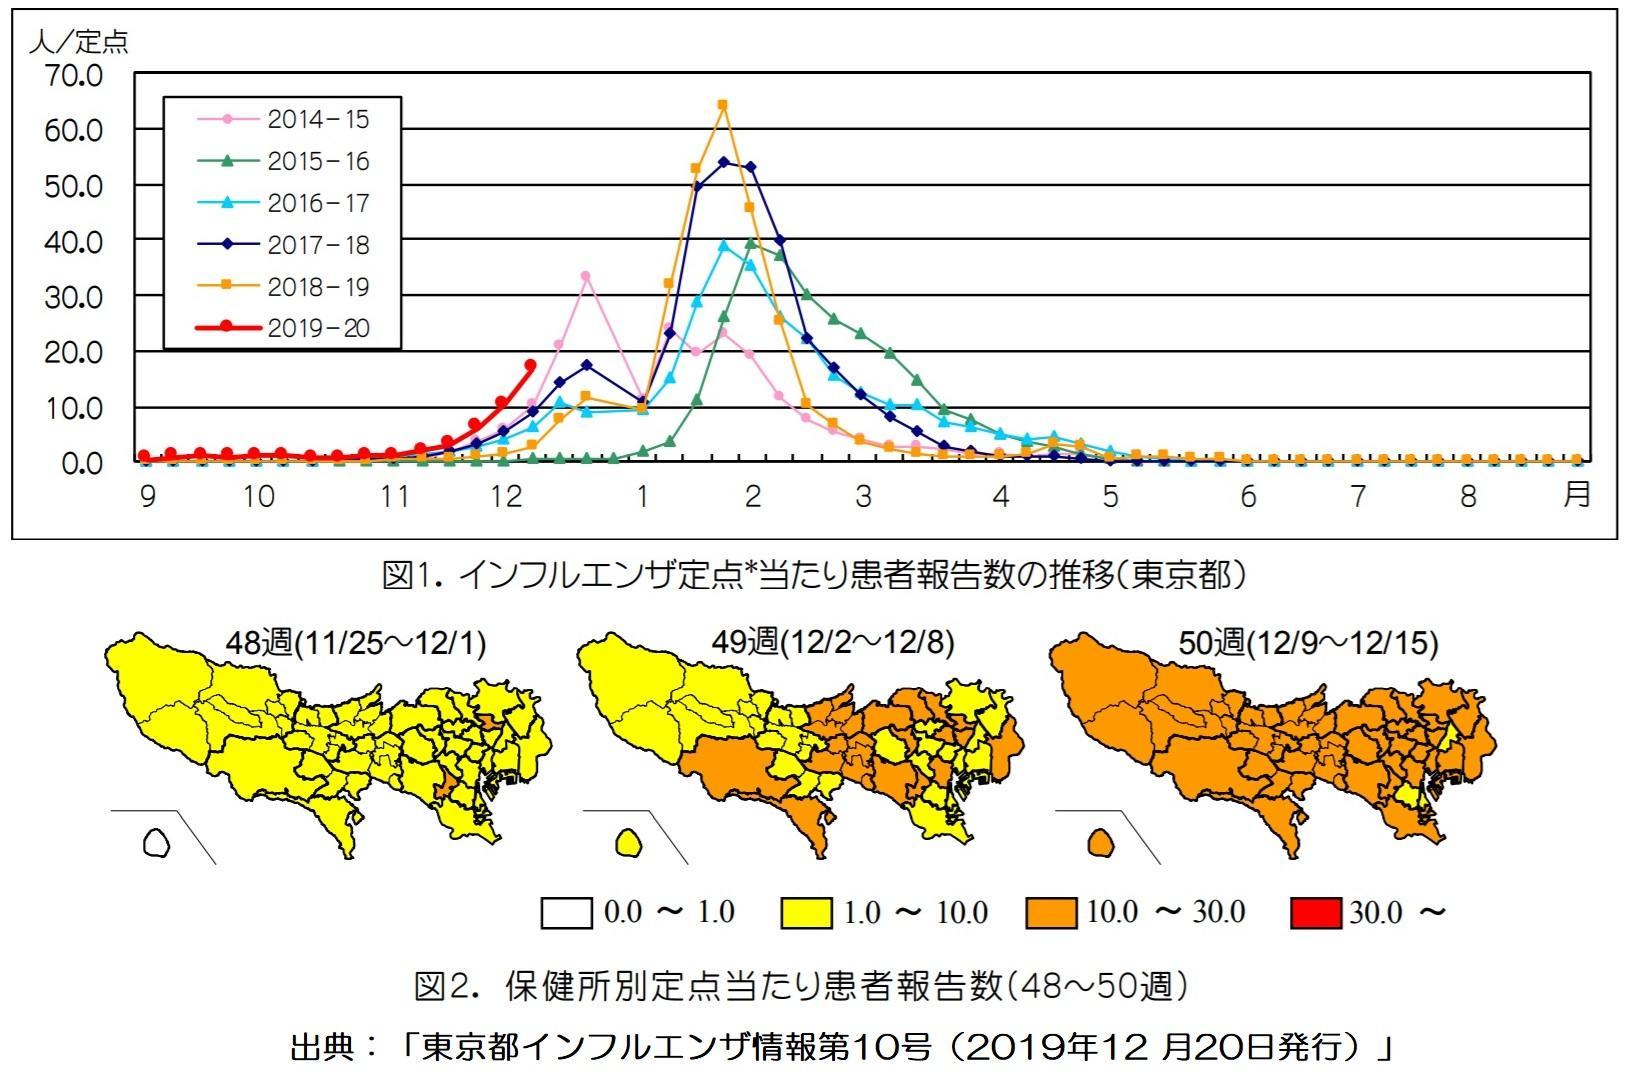 インフルエンザが流行中、職場での感染予防リーフレットを作成(東京都)